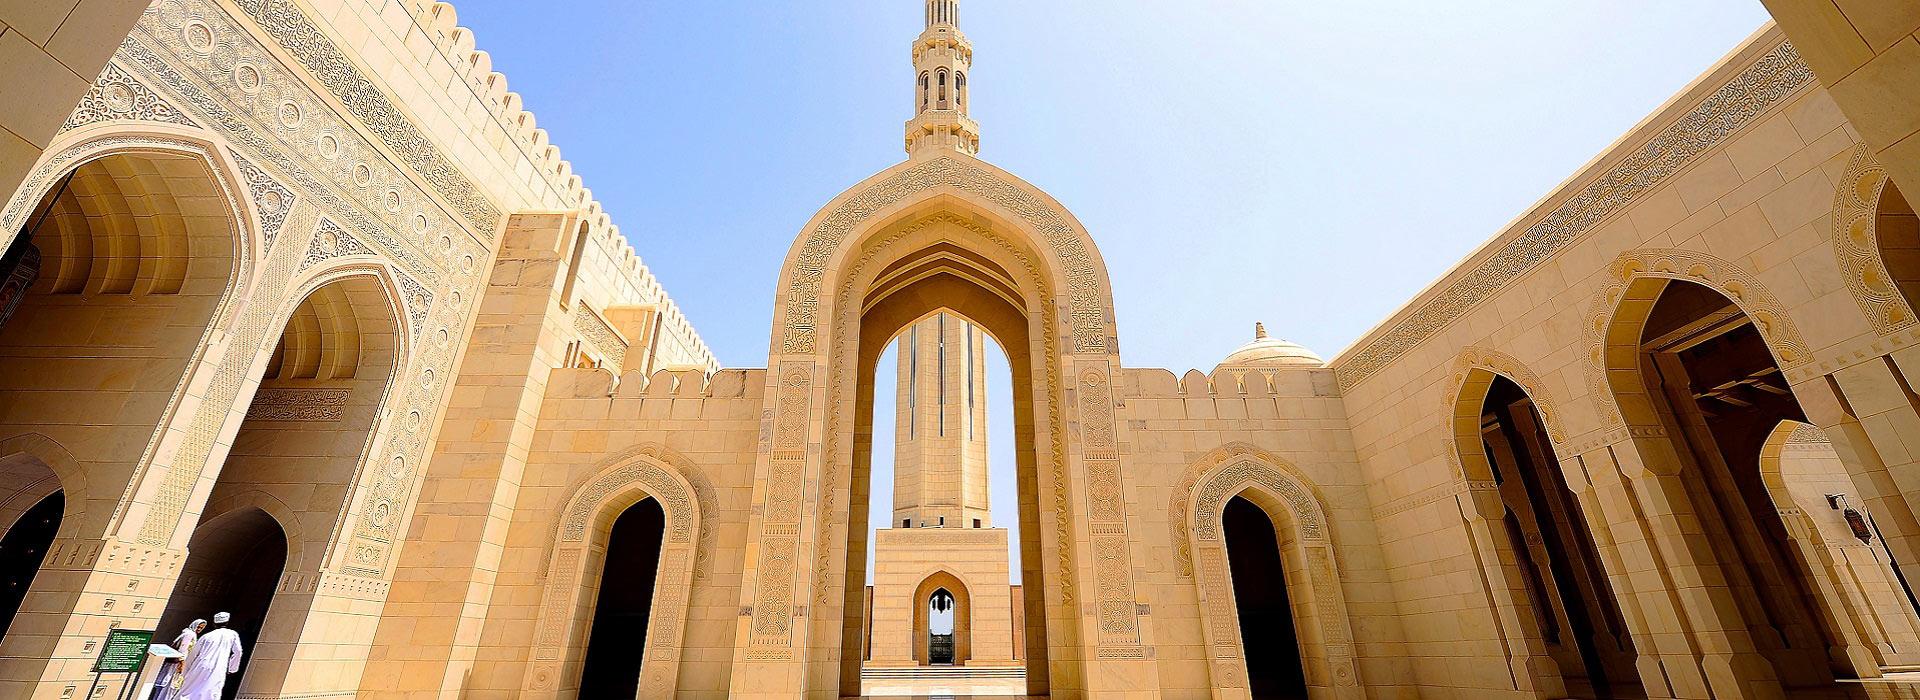 grande_moschea_muscat